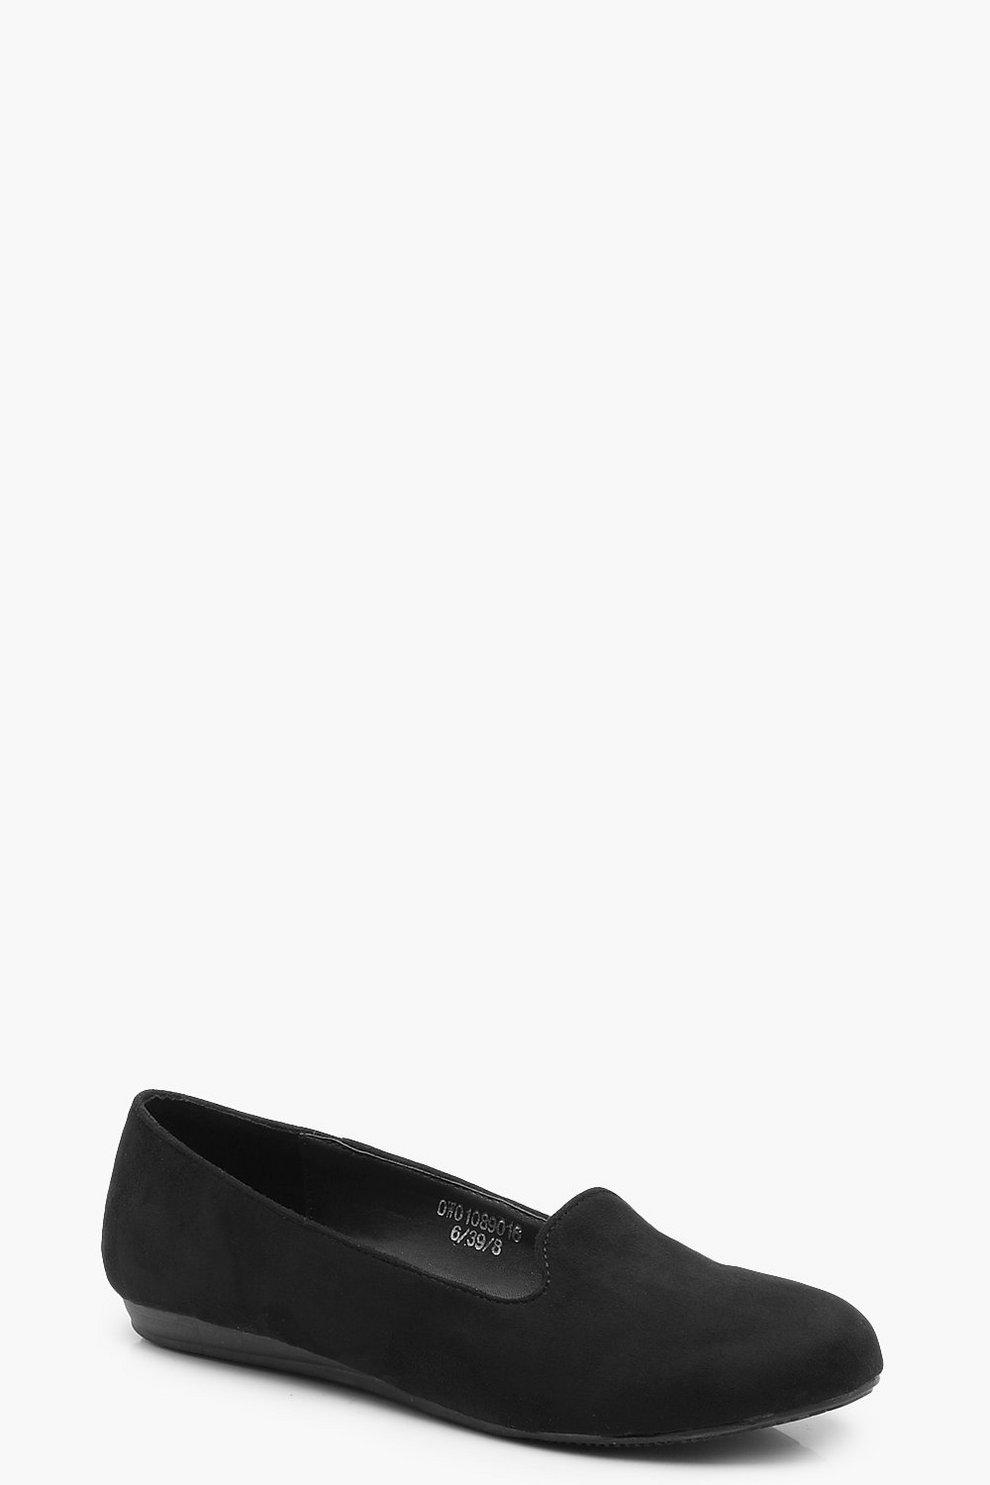 468ece18dc667 Womens Black Slipper Ballet Flats